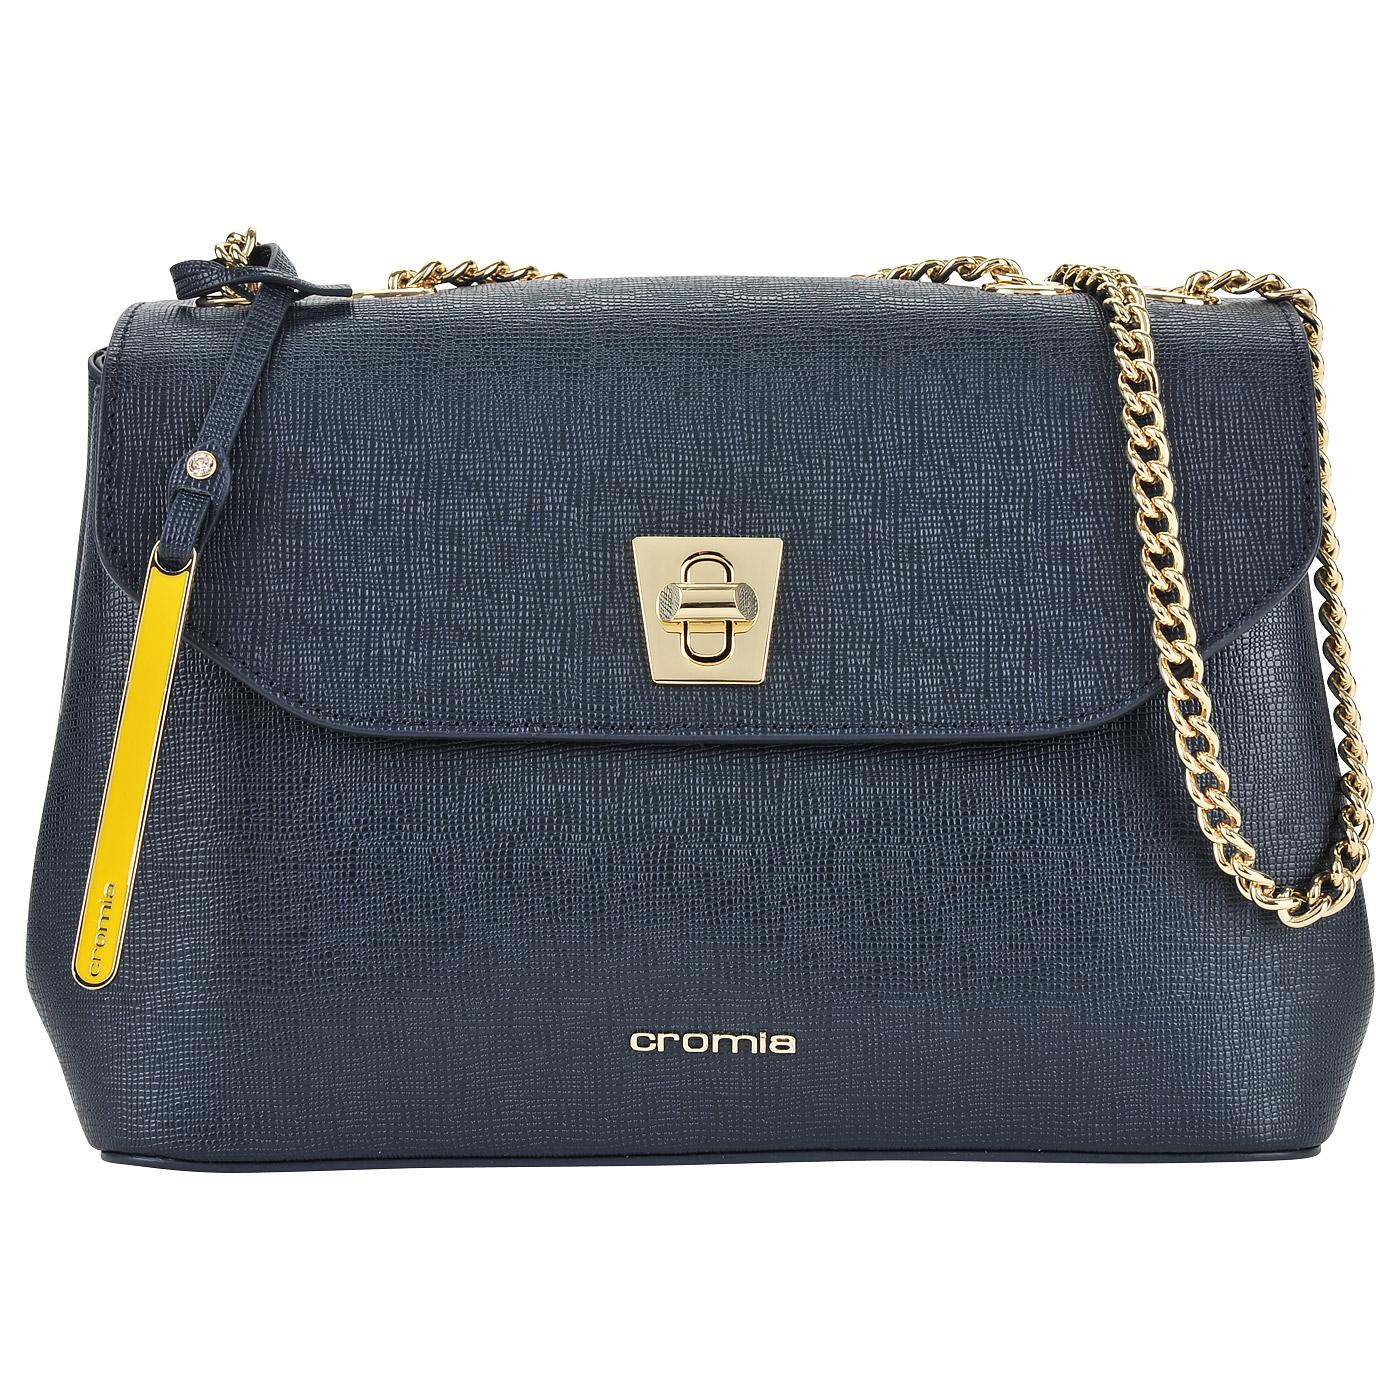 Женская сумка из сафьяновой кожи на цепочке через плечо Cromia Mina ... 9d1662c25d8